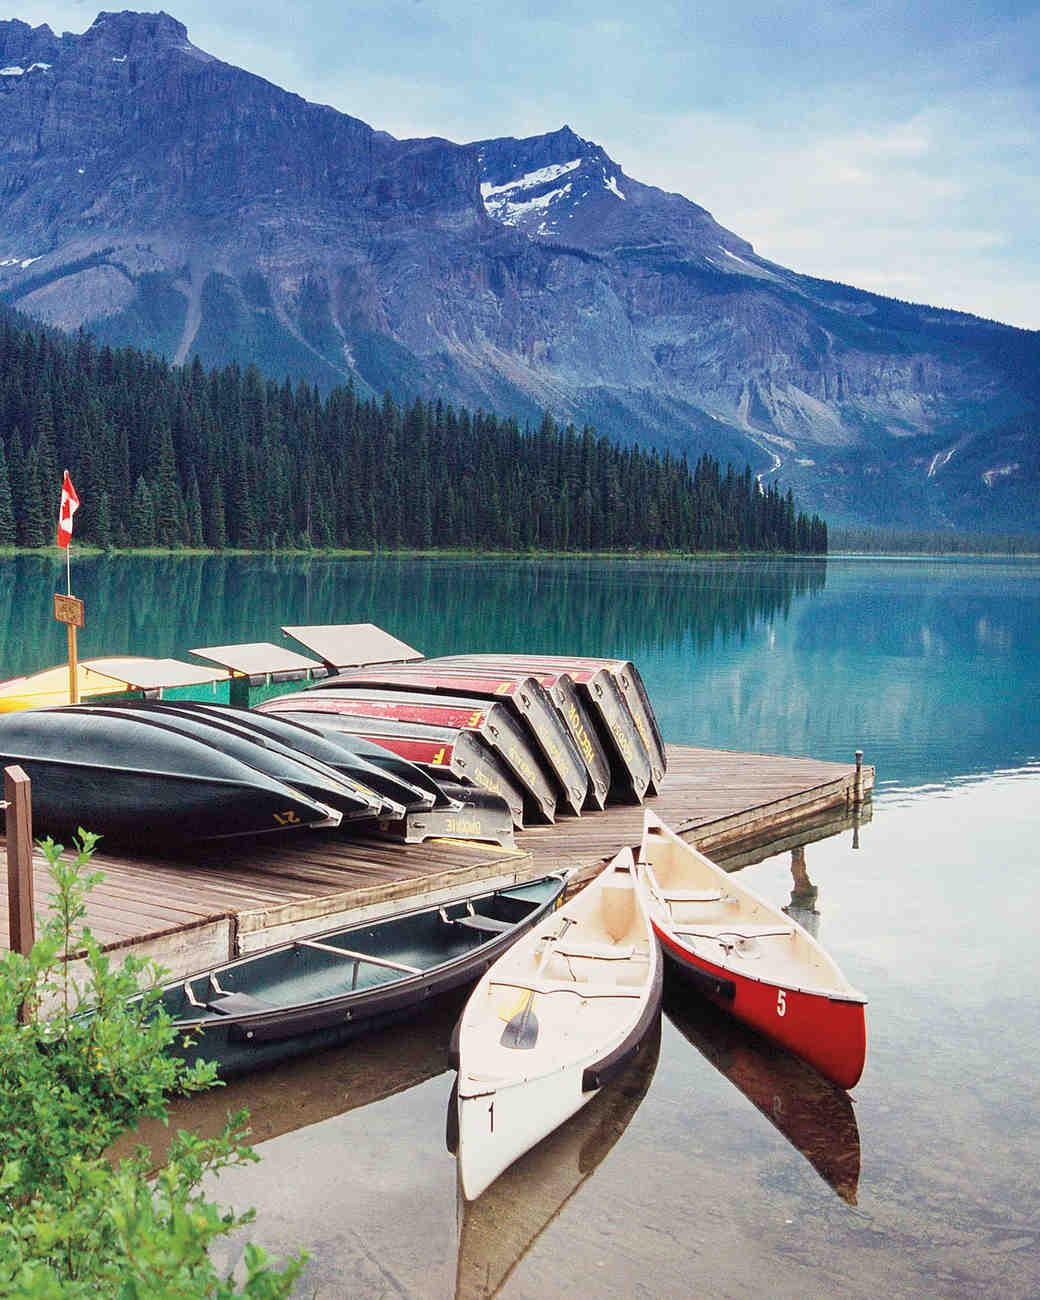 canoes-0811ms107576.jpg